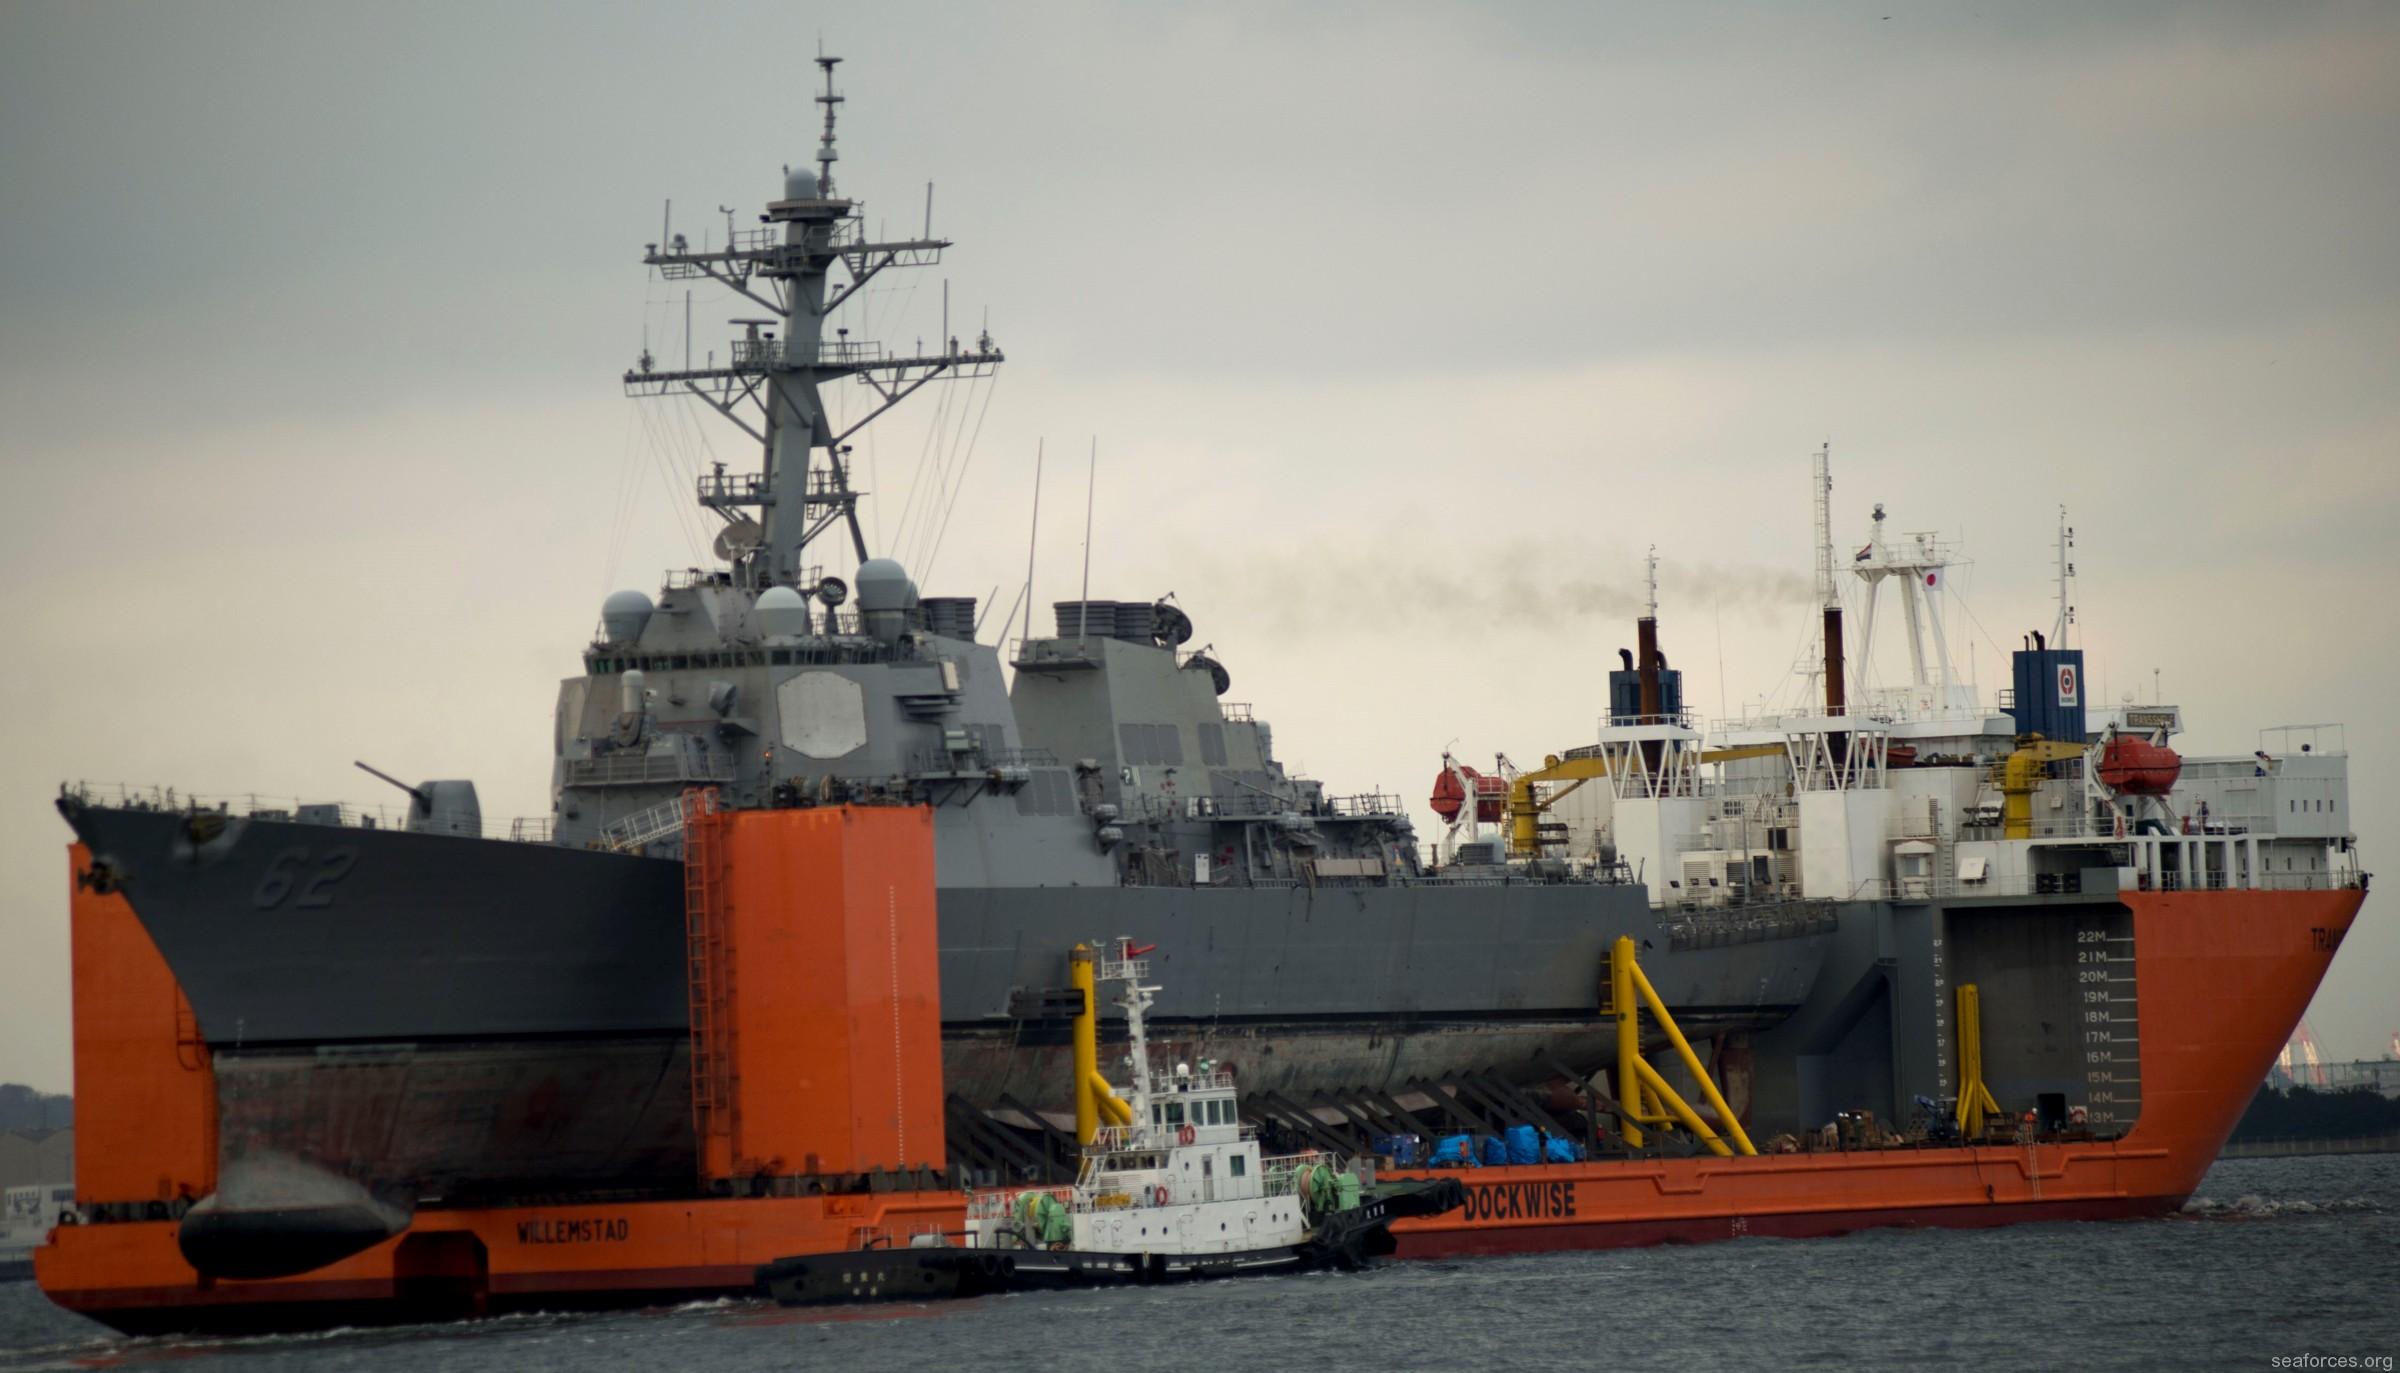 Arrivée et déchargement du Groupe de Guerre des mines dans la base navale d'Abu Dhabi DDG-62-USS-Fitzgerald-133